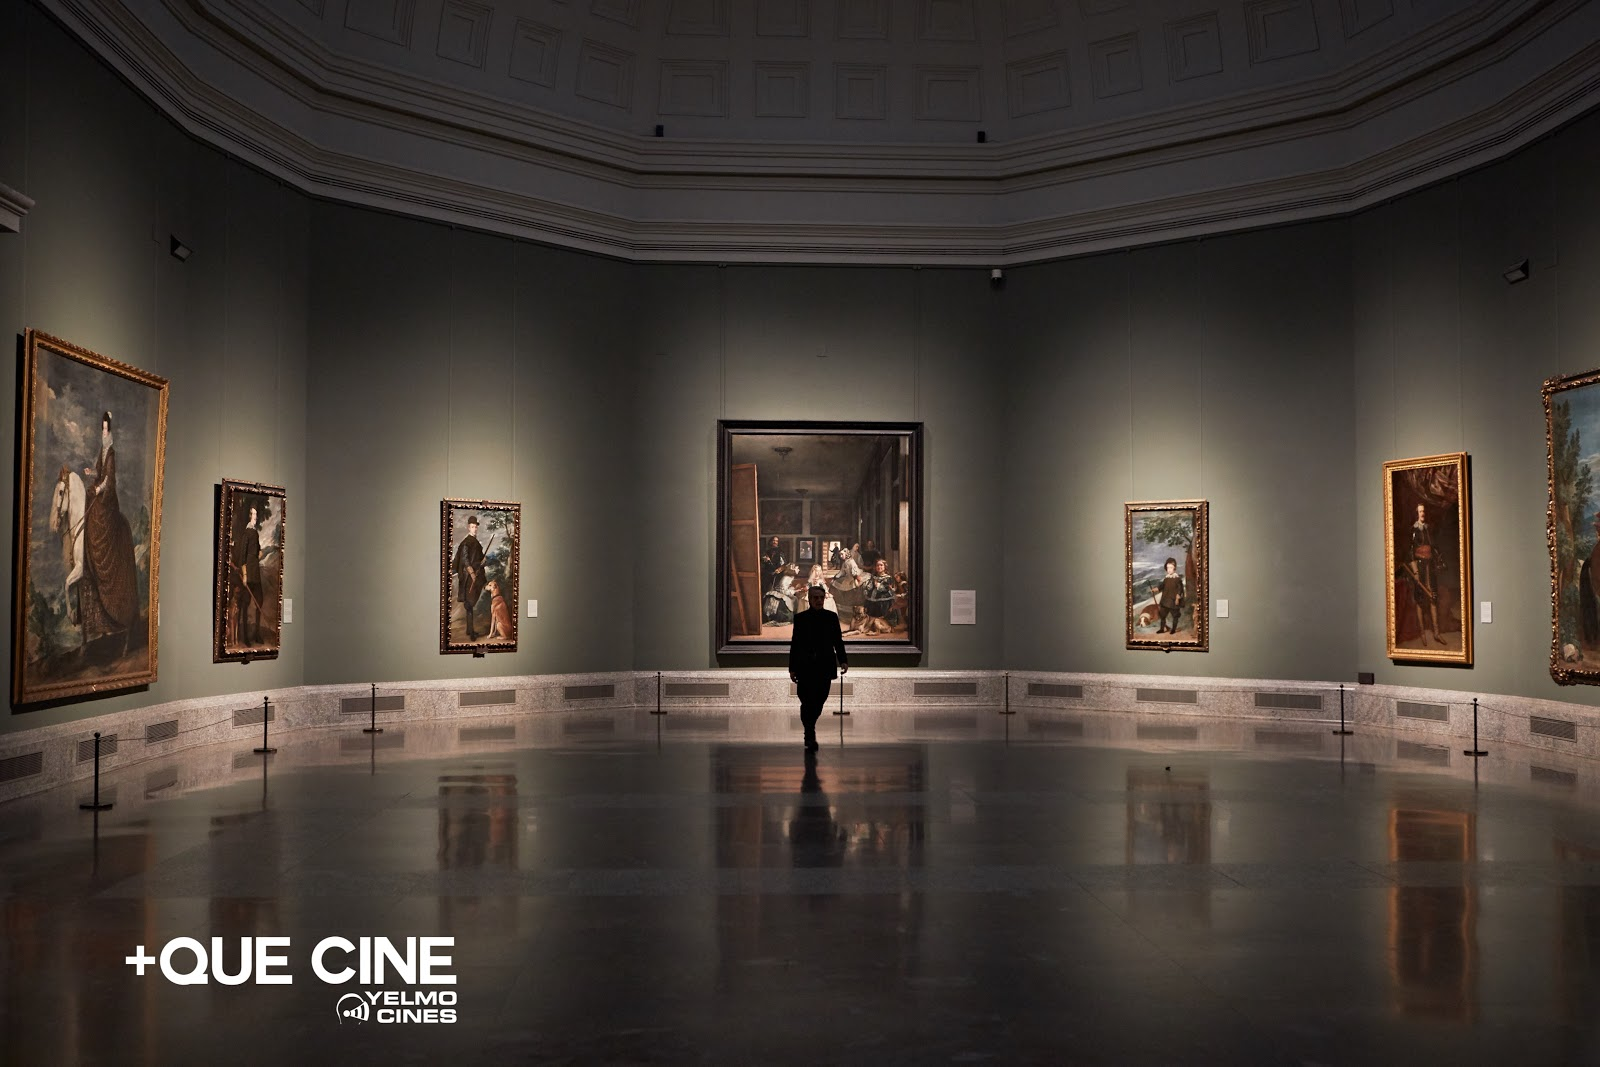 'Pintores y Reyes del Prado' en Yelmo Cines a través de +Que Cine, su ventana de contenido alternativo